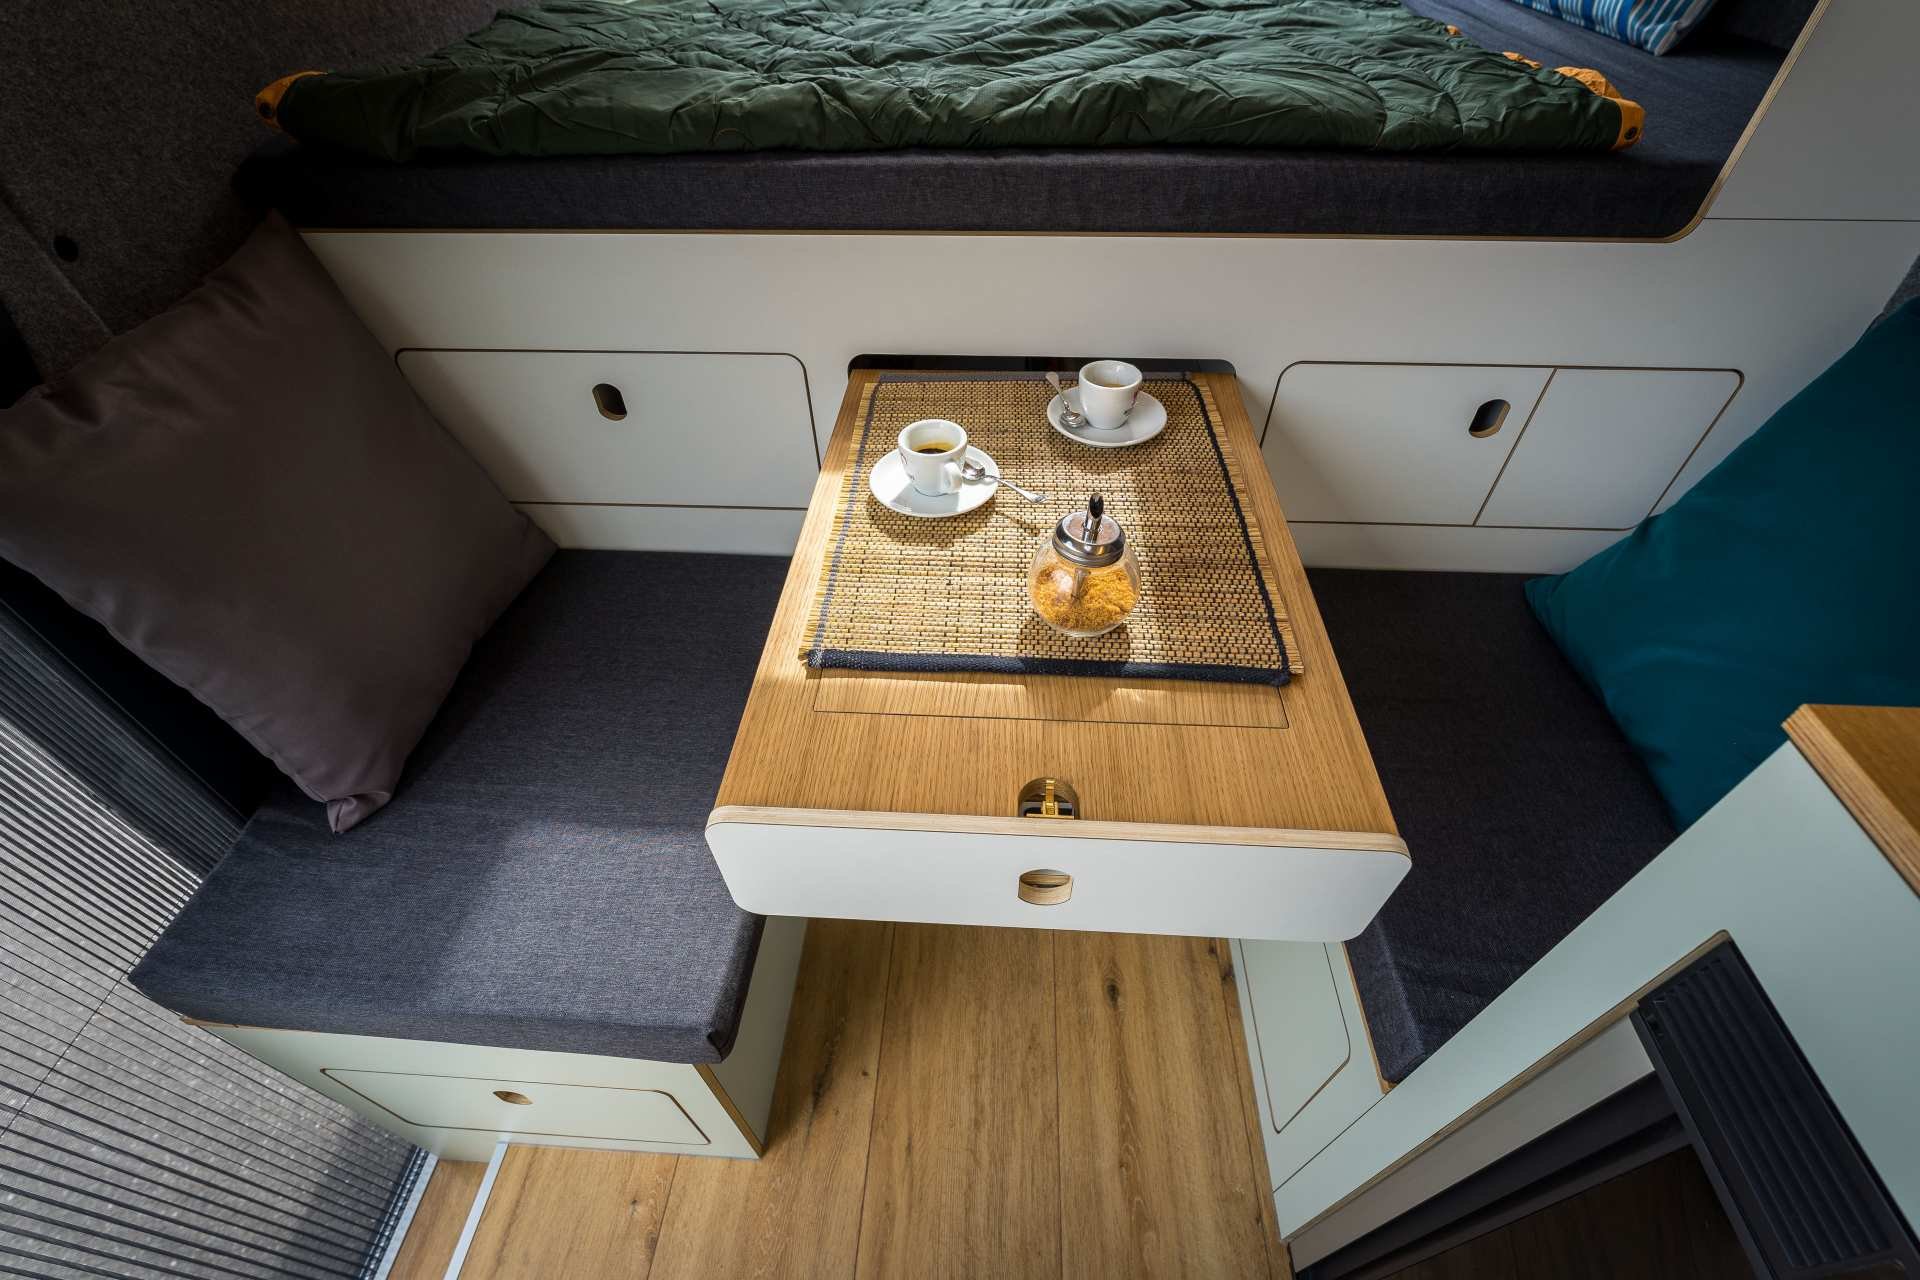 Sitzmöbel und ausziehbarer Tisch mit eingearbeitetem Brettspiel